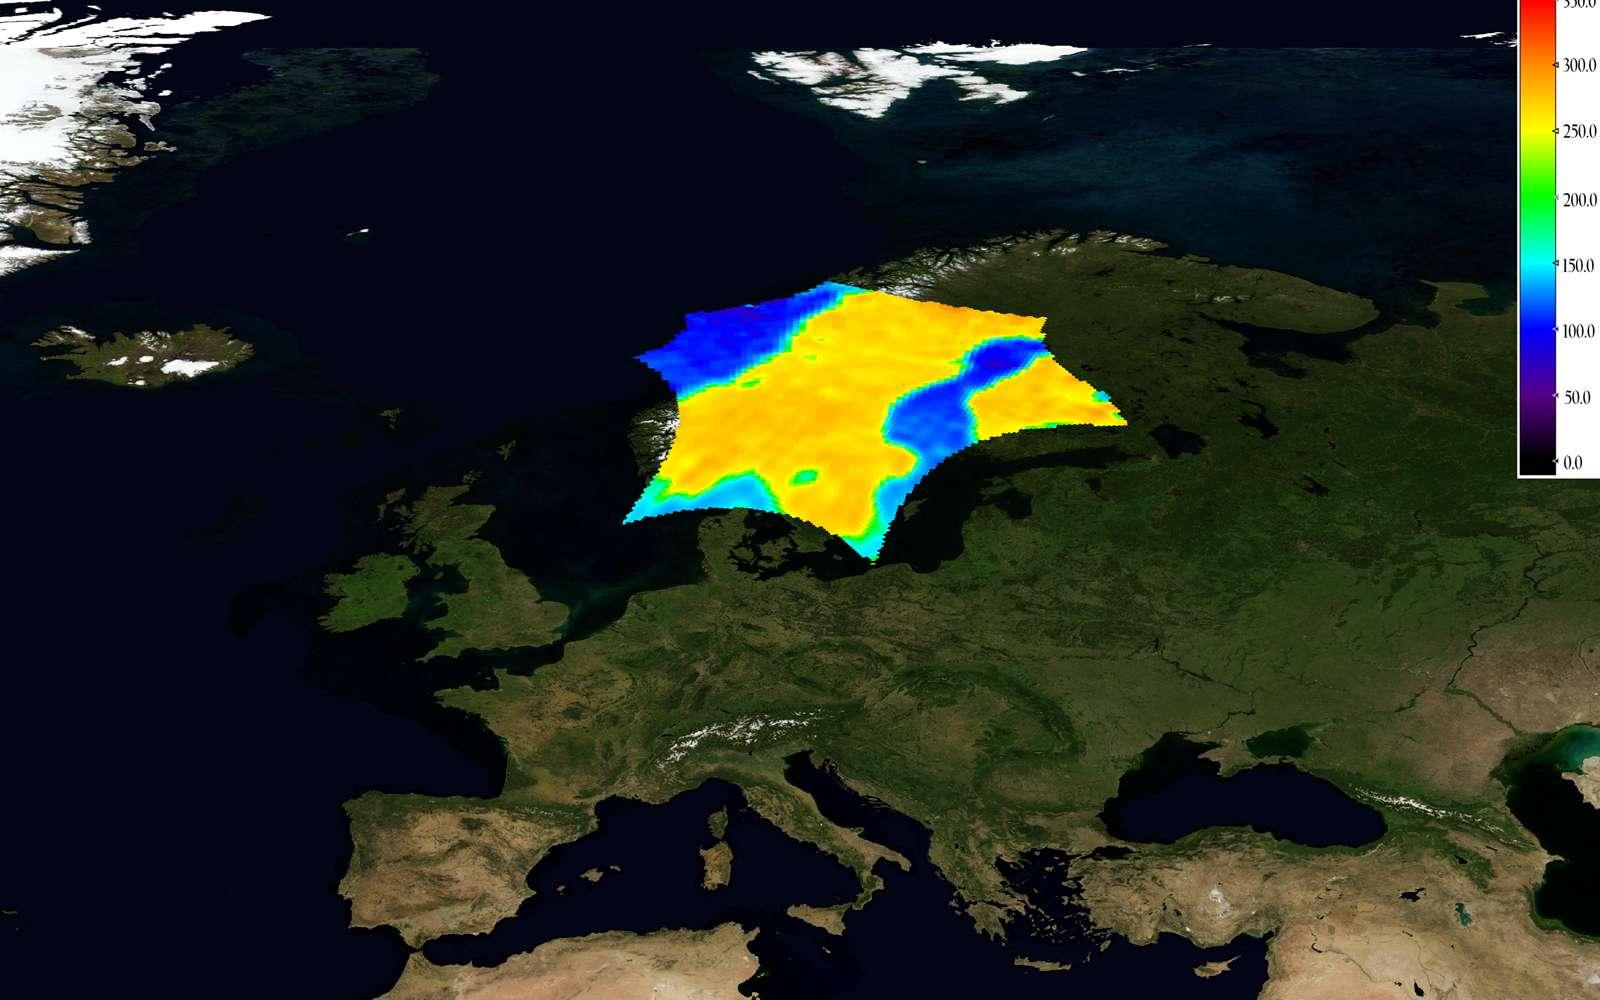 Une des premières images acquises par Smos de la « température de brillance », une mesure du rayonnement émis par la surface terrestre, le bleu symbolisant les températures les plus basses et le rouge les températures les plus élevées. Crédit Esa